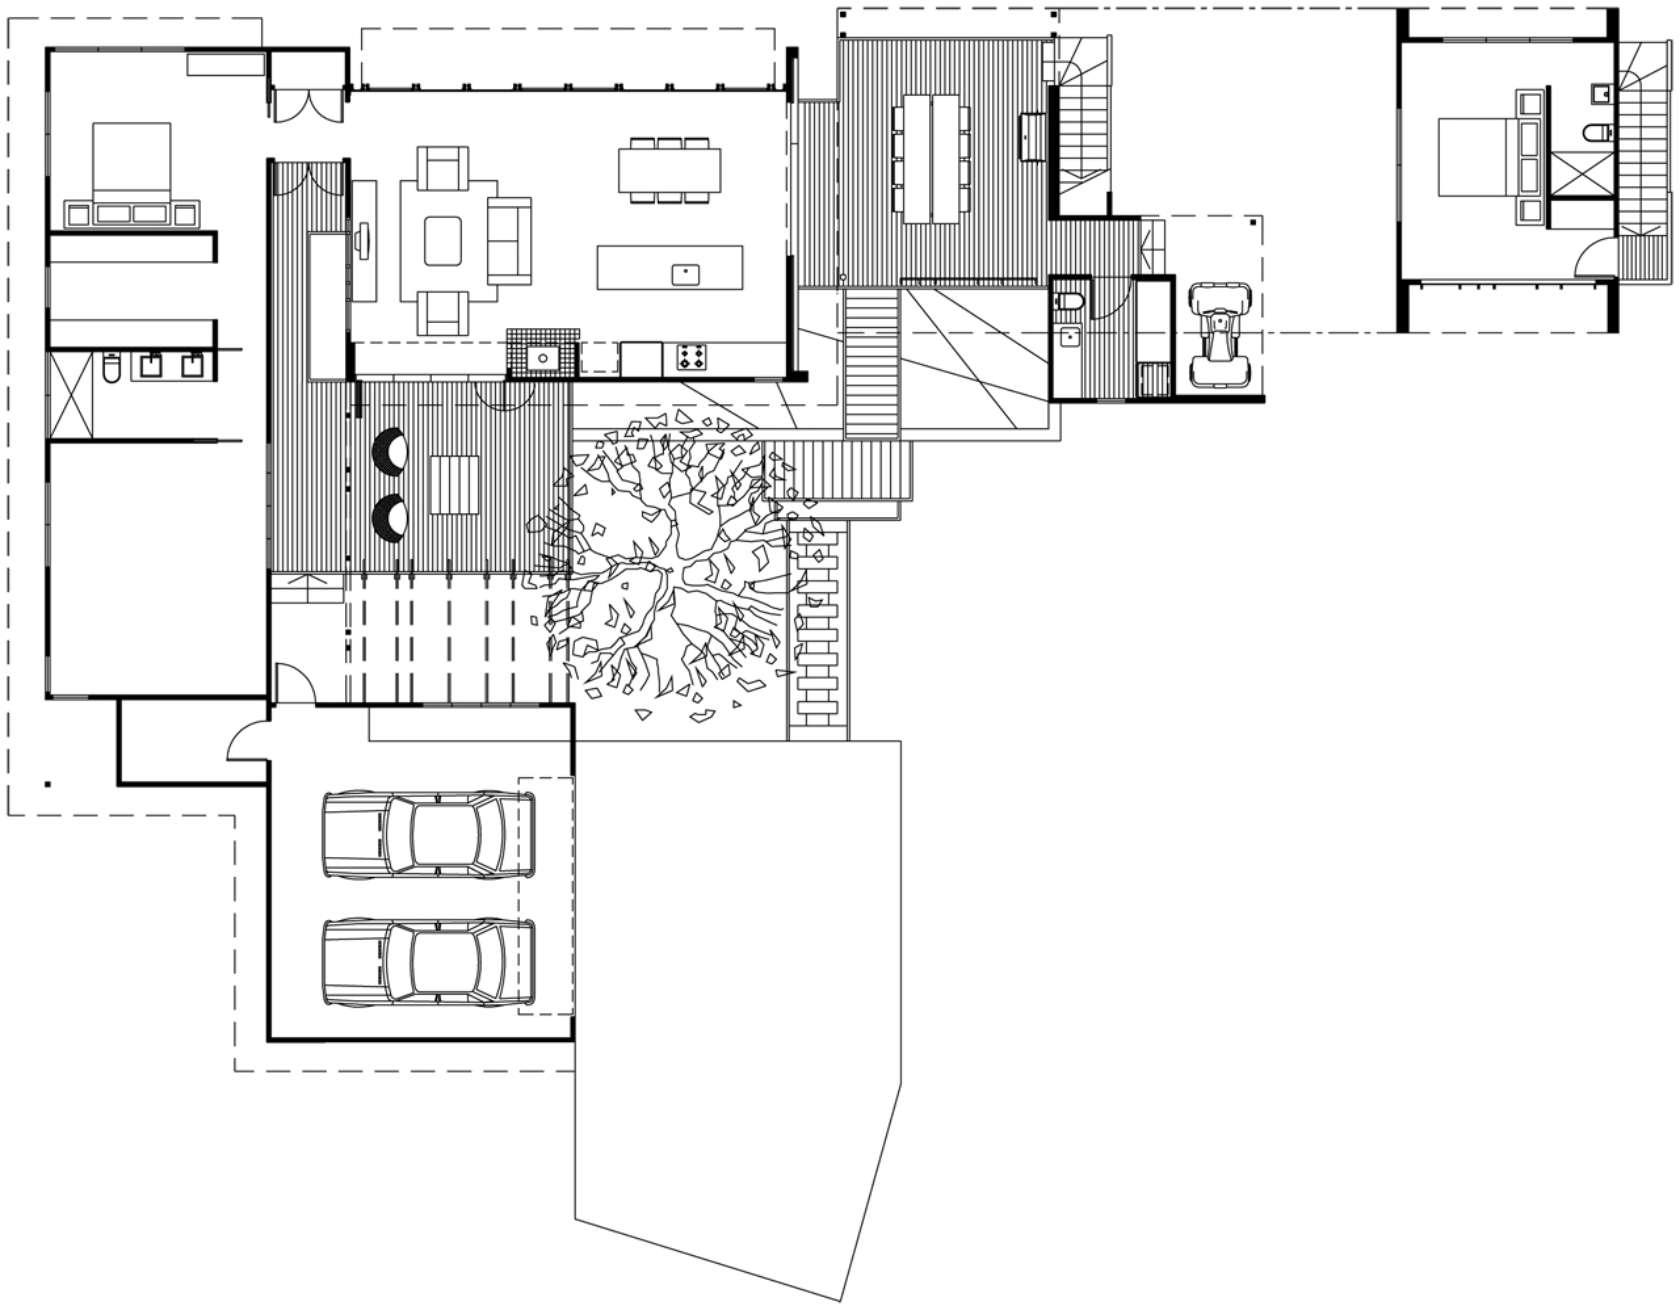 Terrific Environmental House Plans Canada Ideas - Plan 3D house ...